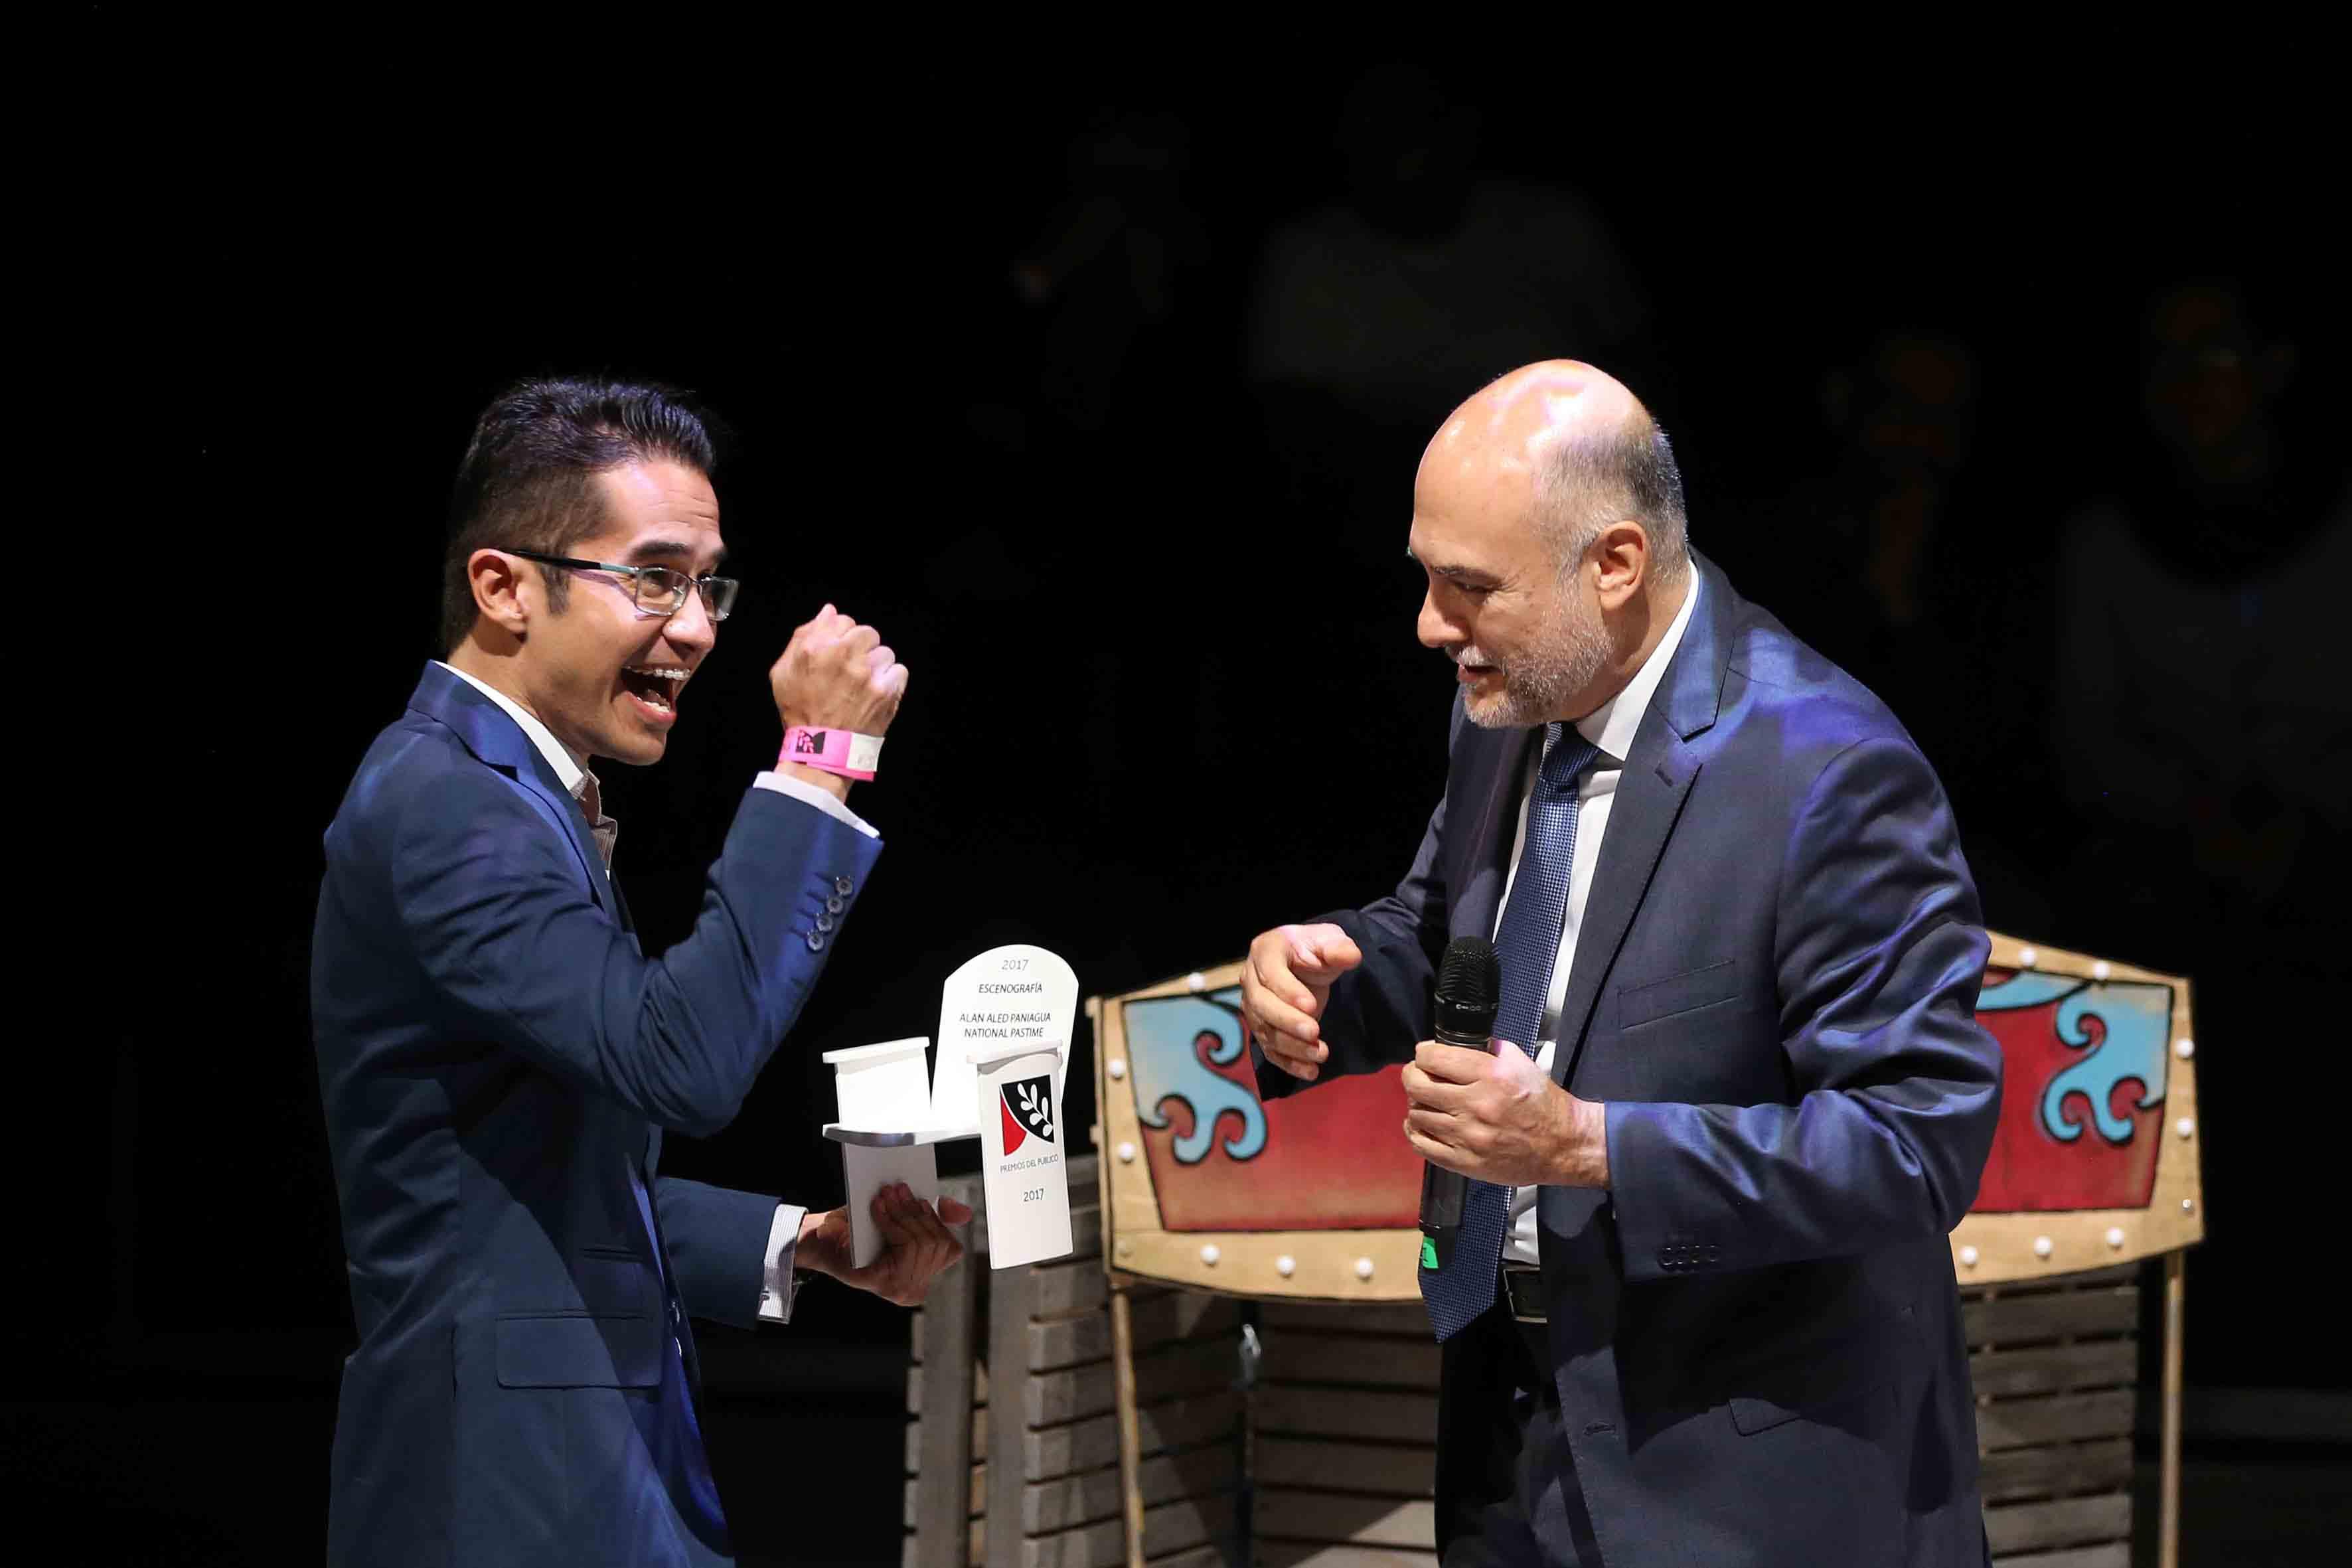 Primera edición de los Premios del Público a lo Mejor del Teatro, ceremonia que se efectuó la noche de este sábado en el Conjunto de Artes Escénicas, de la Universidad de Guadalajara.